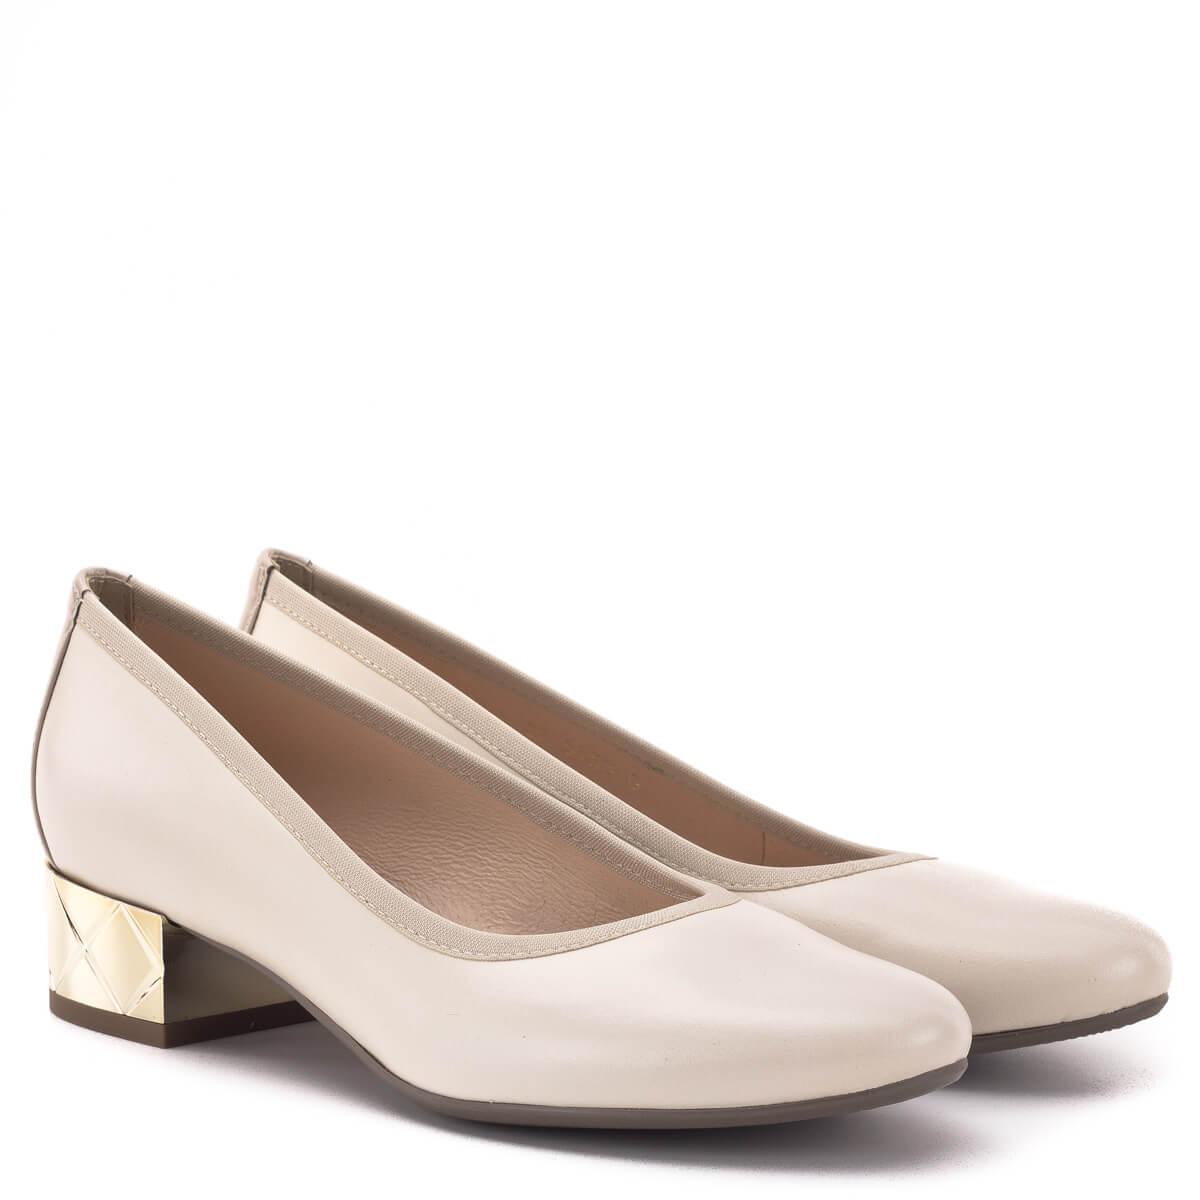 Bioeco cipő